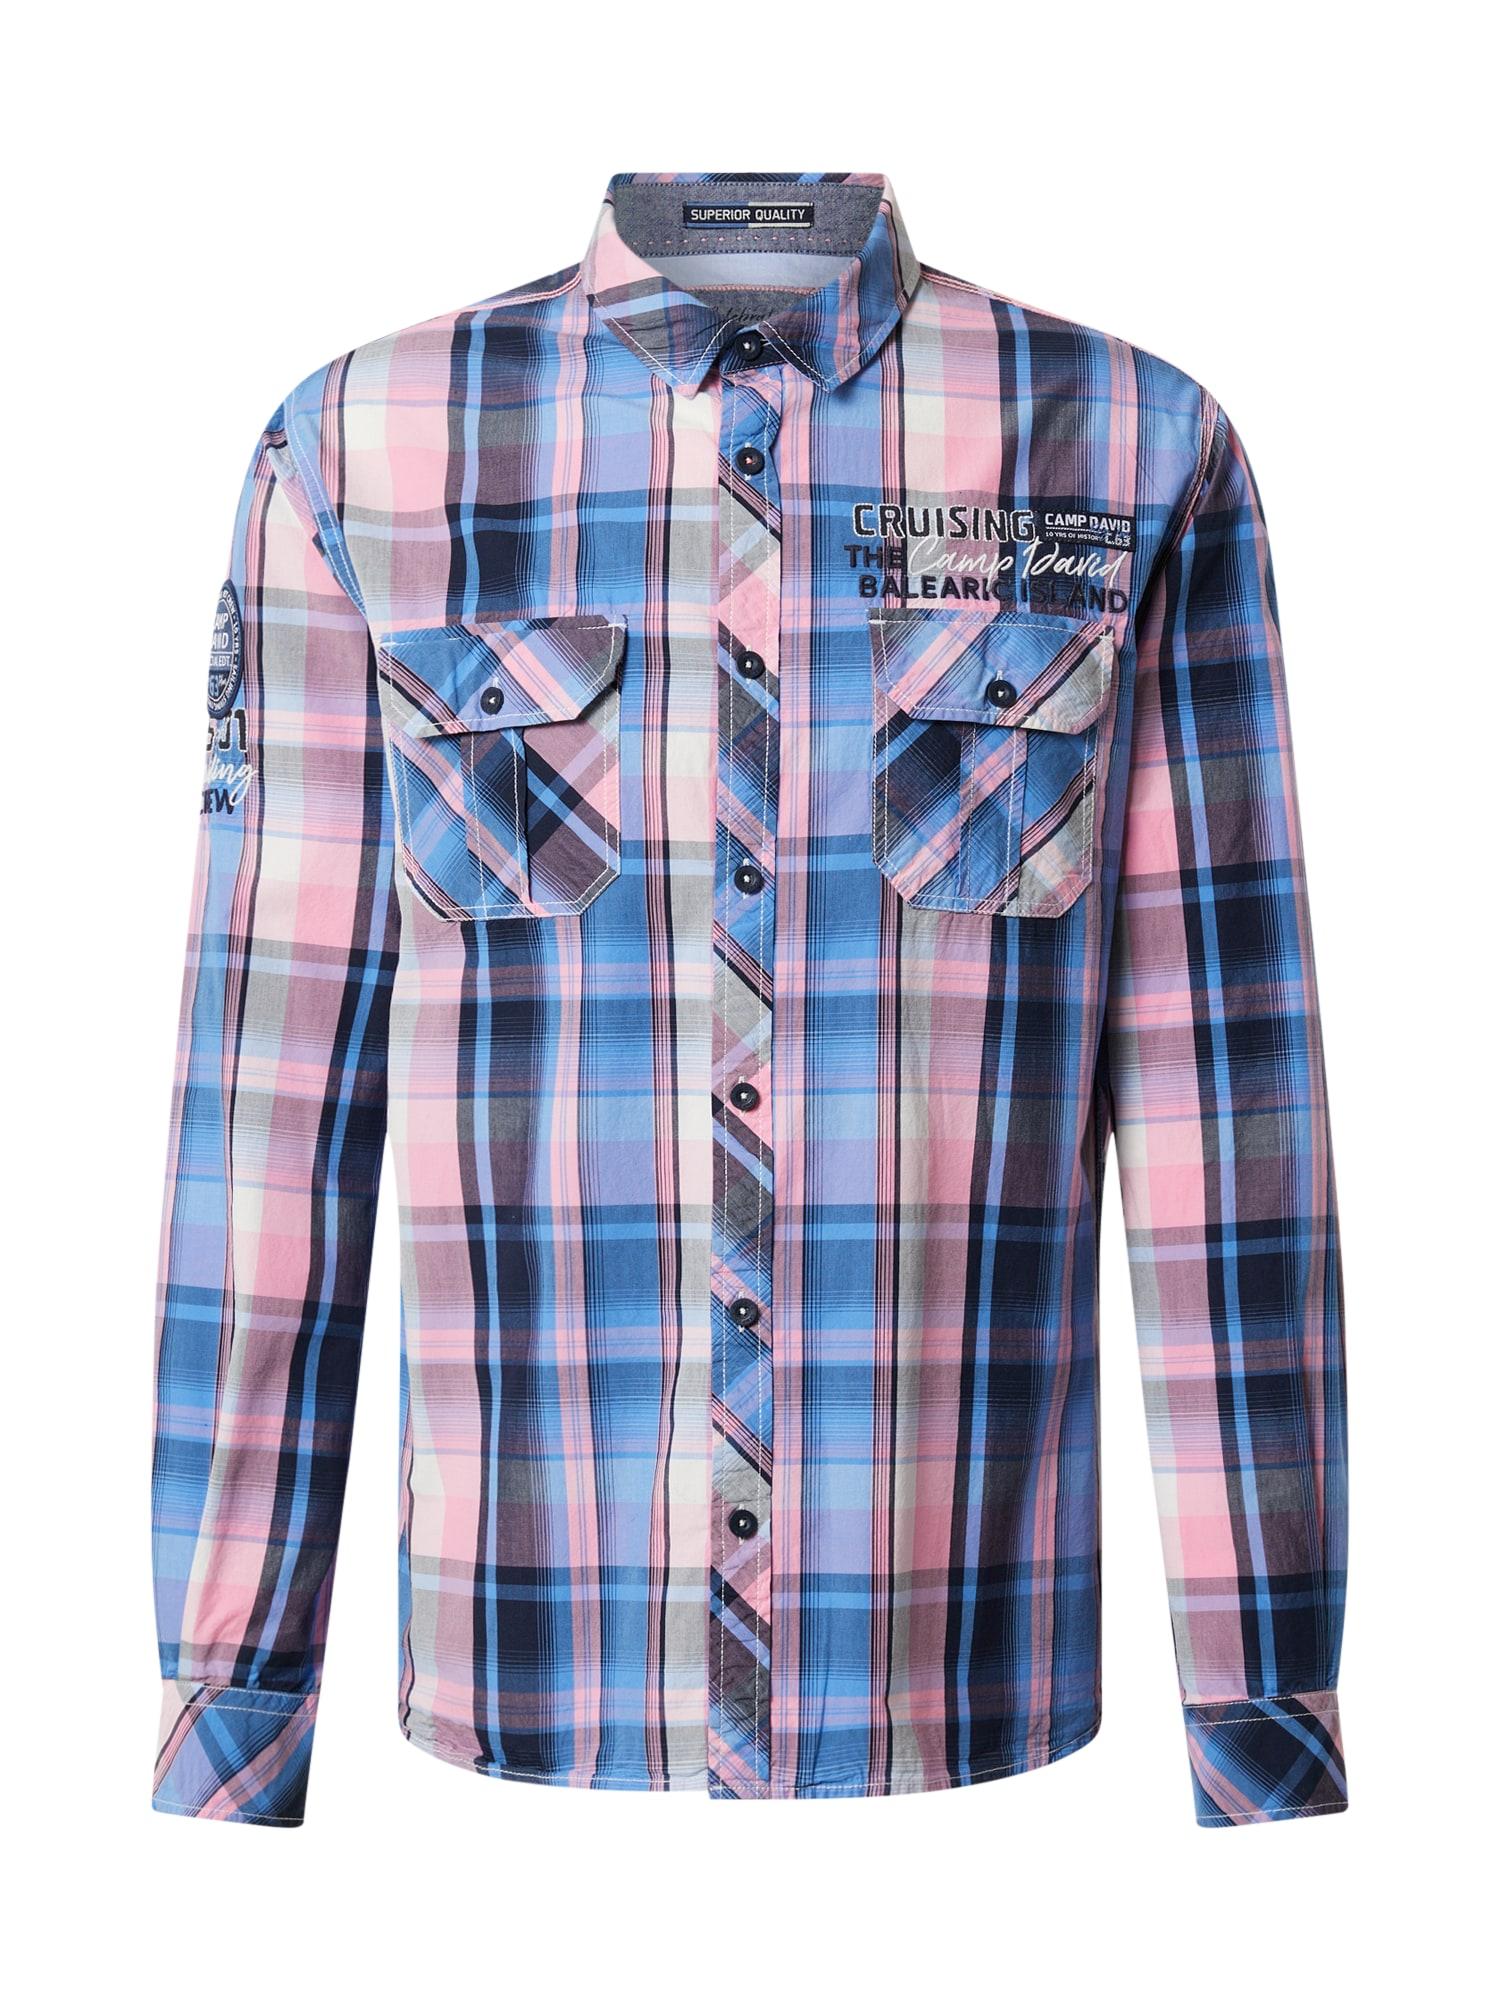 CAMP DAVID Marškiniai kobalto mėlyna / šviesiai mėlyna / rožių spalva